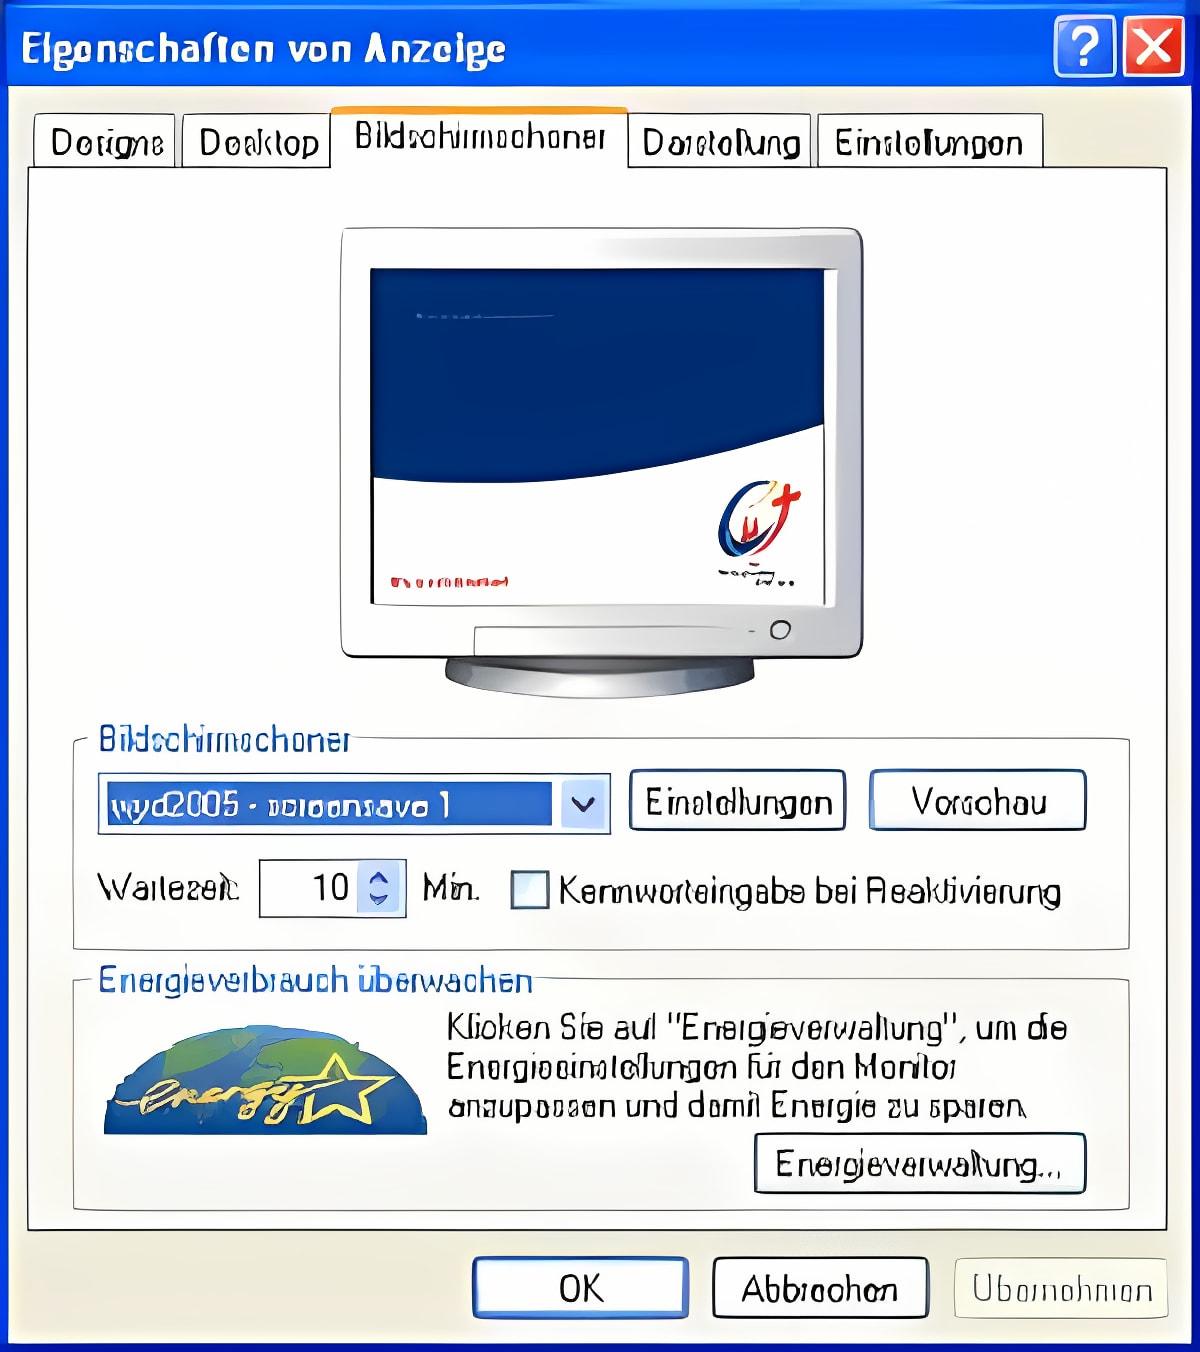 Weltjugendtag 2005 Bildschirmschoner